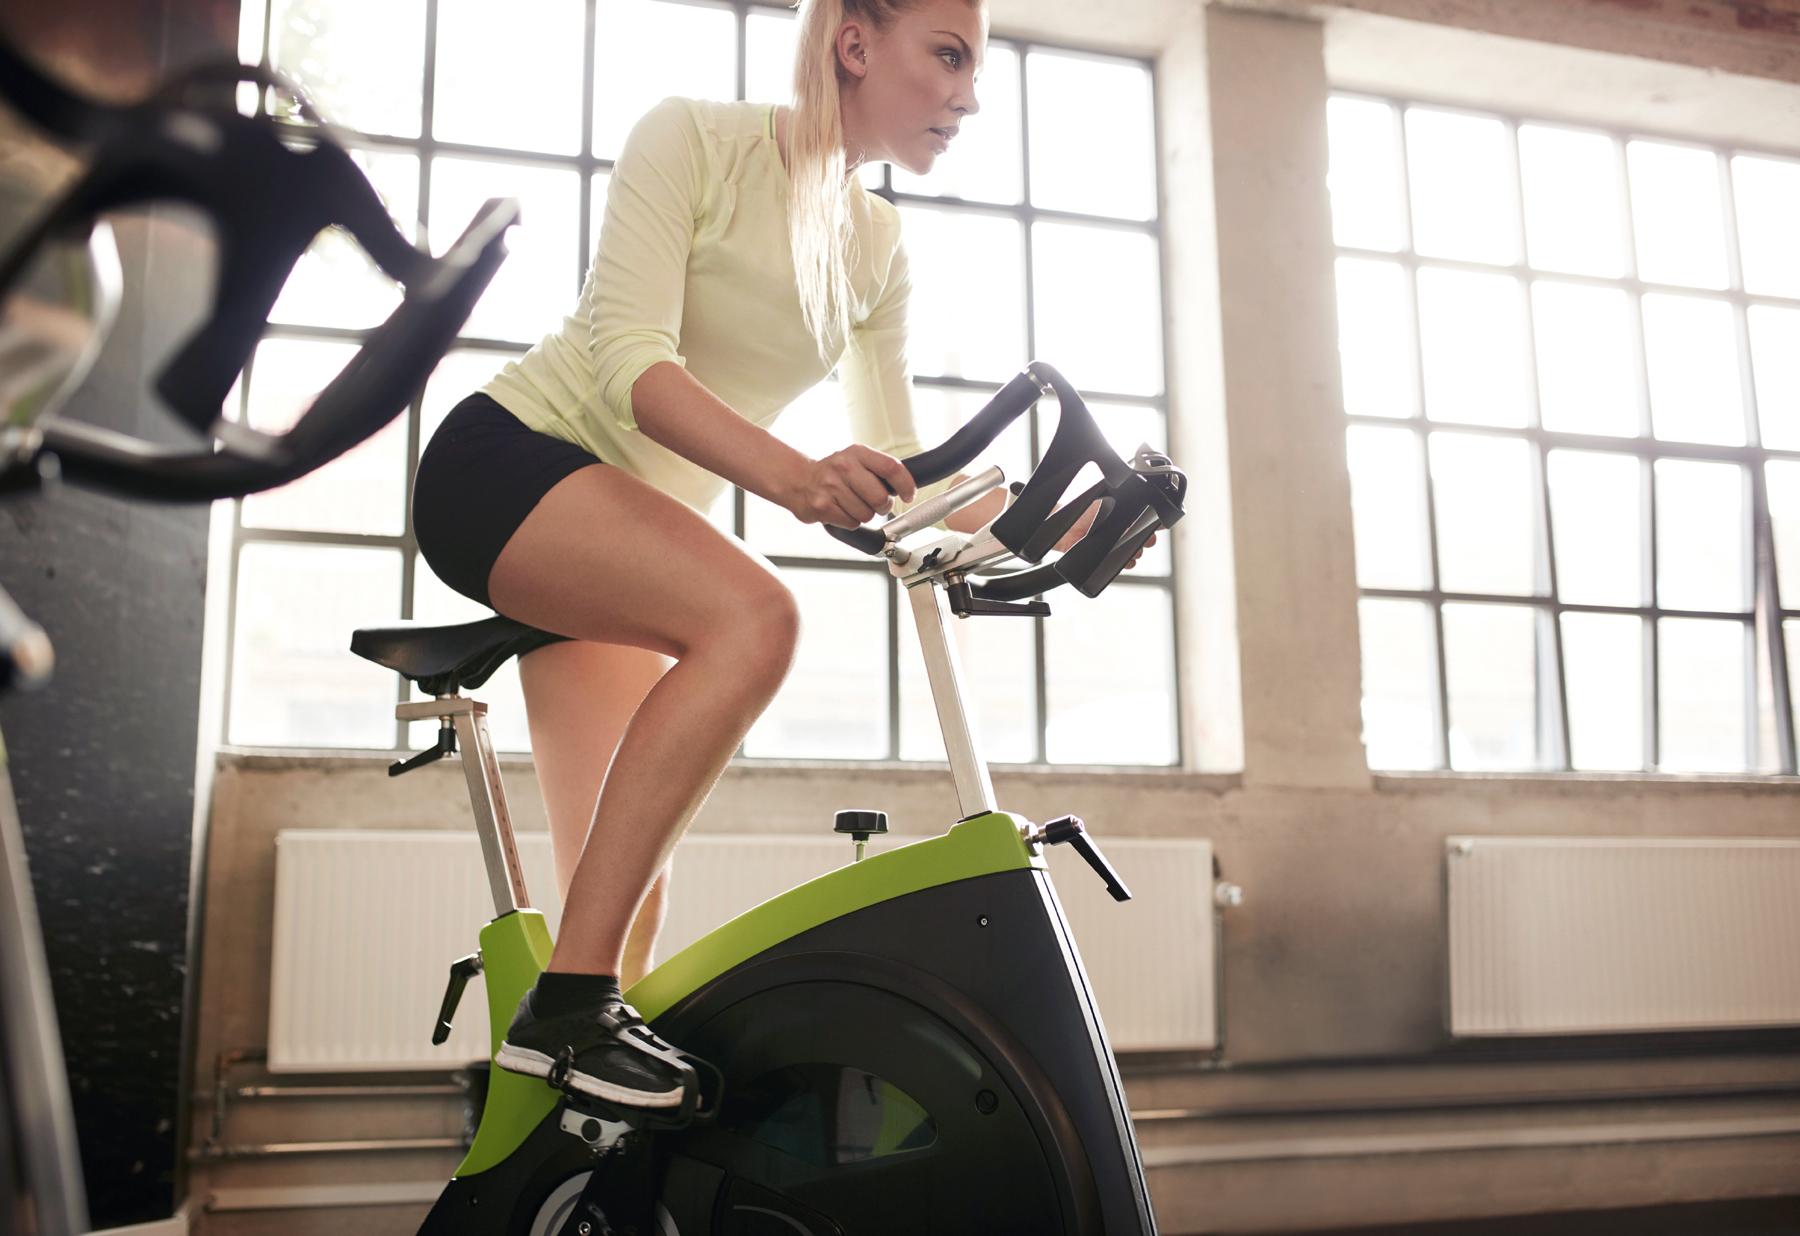 Похудеешь Ли Занятием На Велотренажере. Лучшая программа похудения на велотренажере